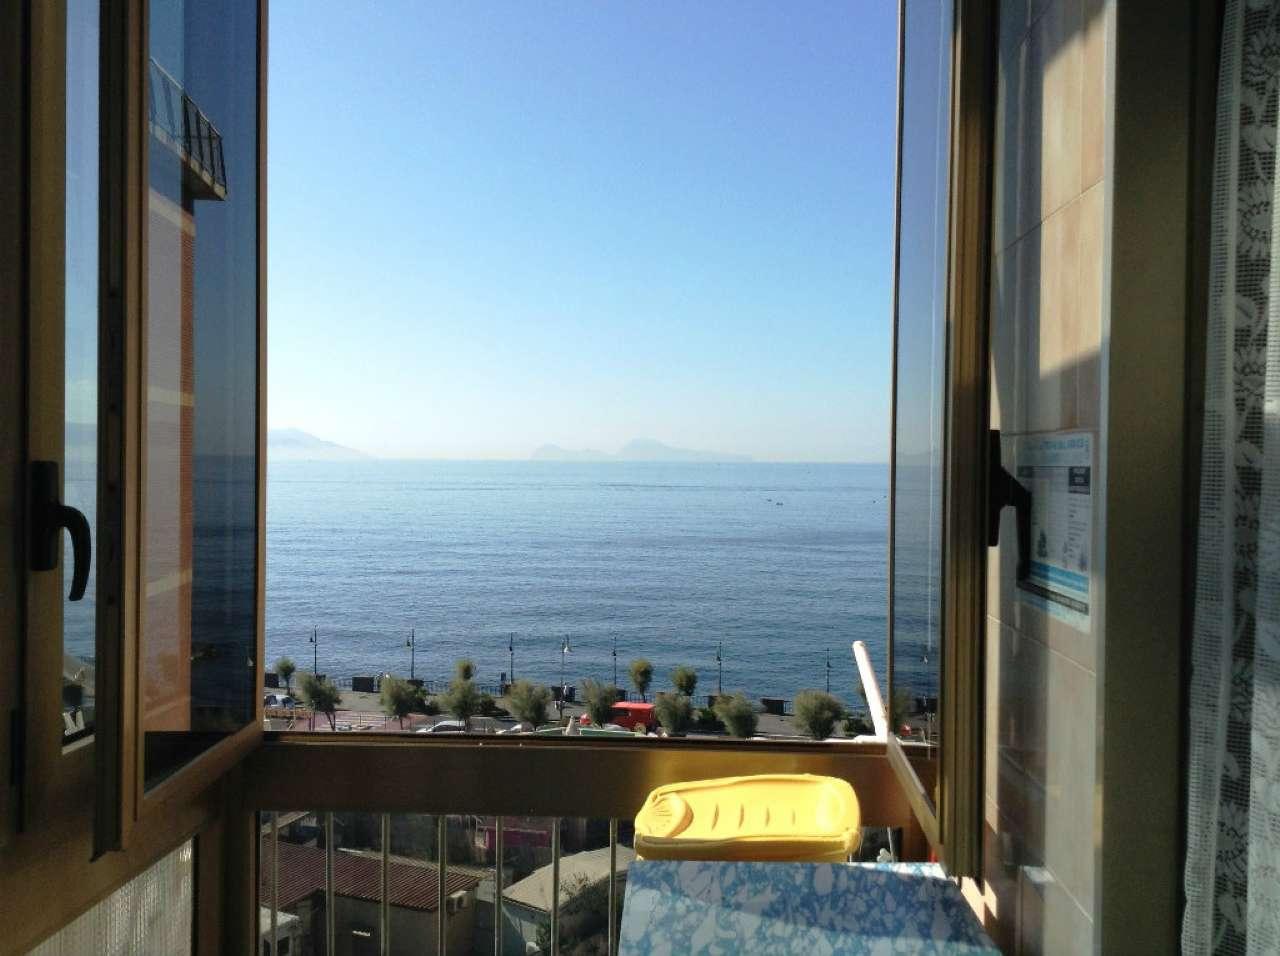 Appartamento in vendita a Torre del Greco, 5 locali, prezzo € 200.000 | CambioCasa.it